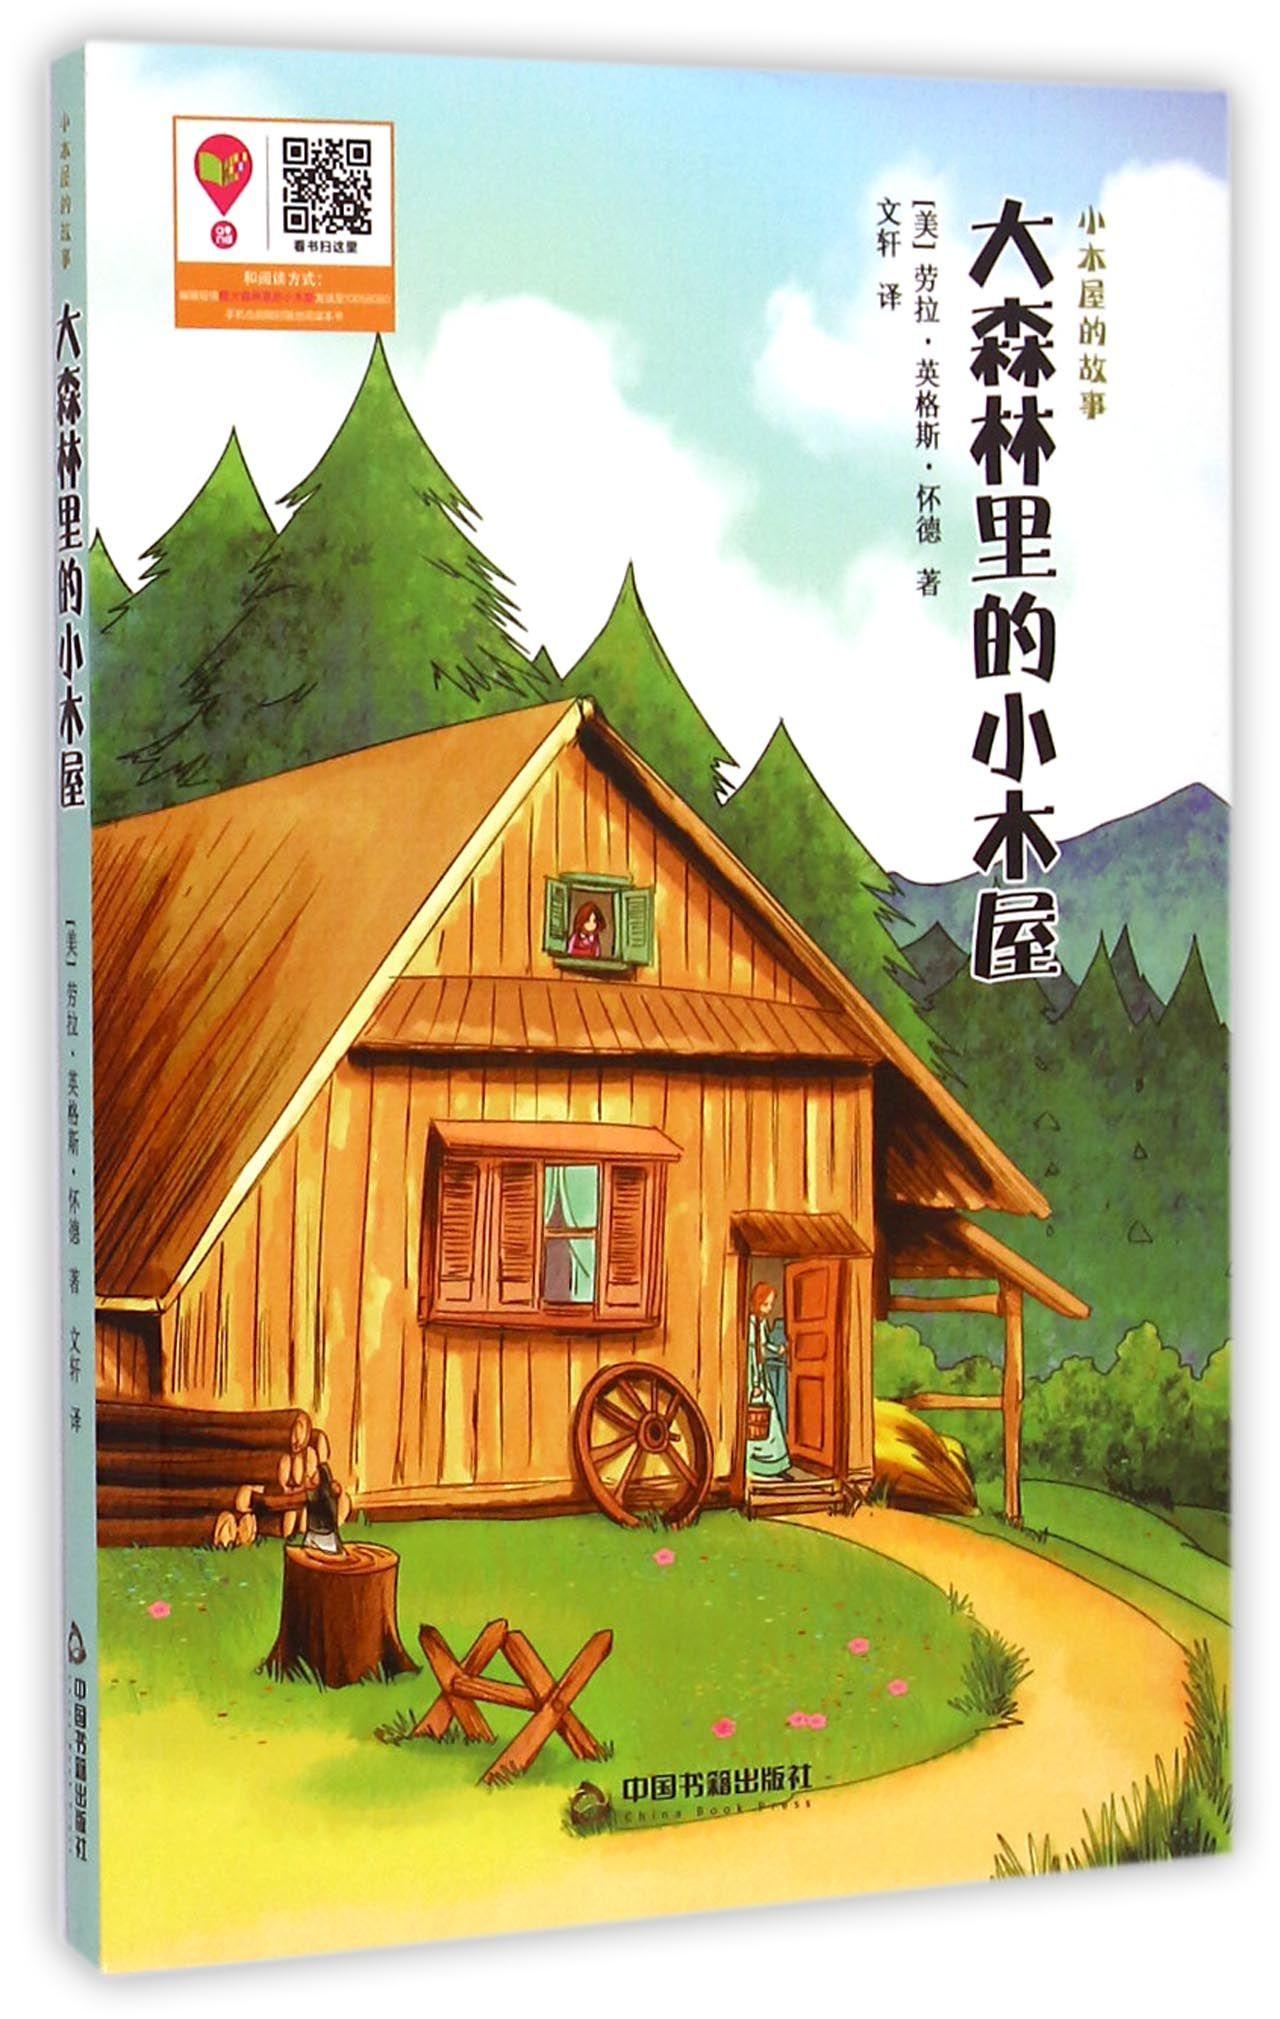 大森林里的小木屋/小木屋的故事-云书网